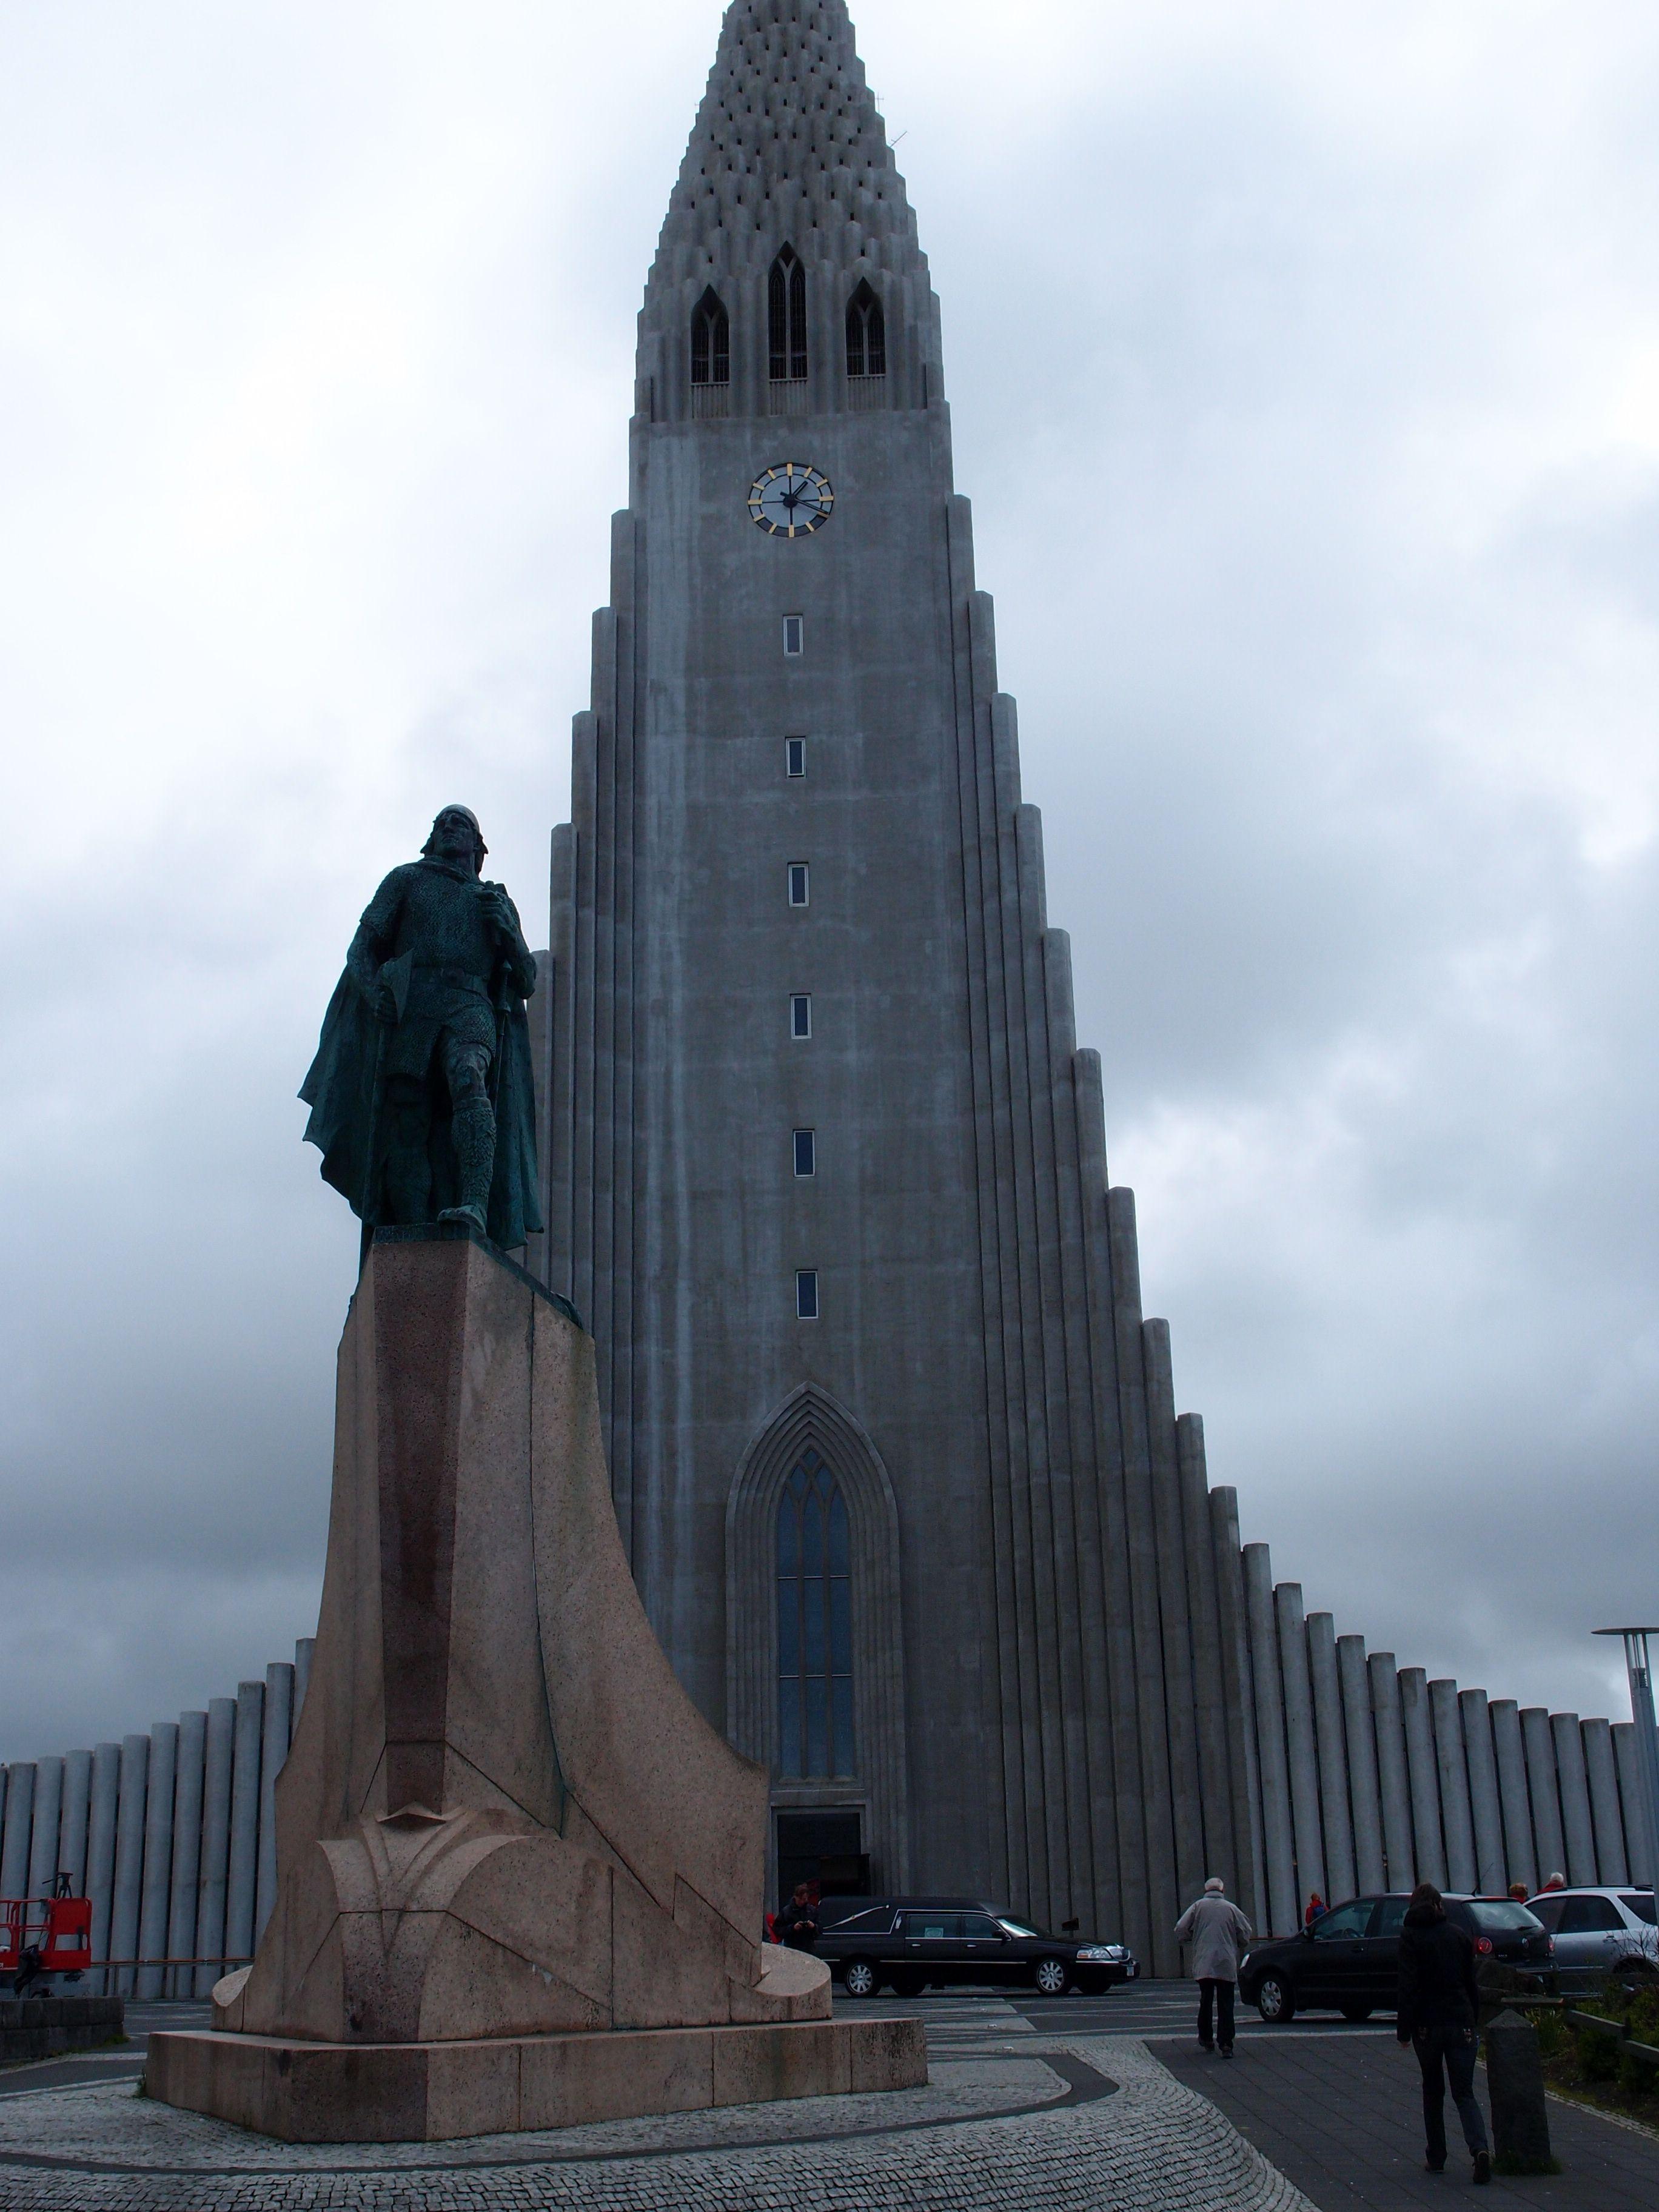 Lief Erickson Statue In Reykjavik